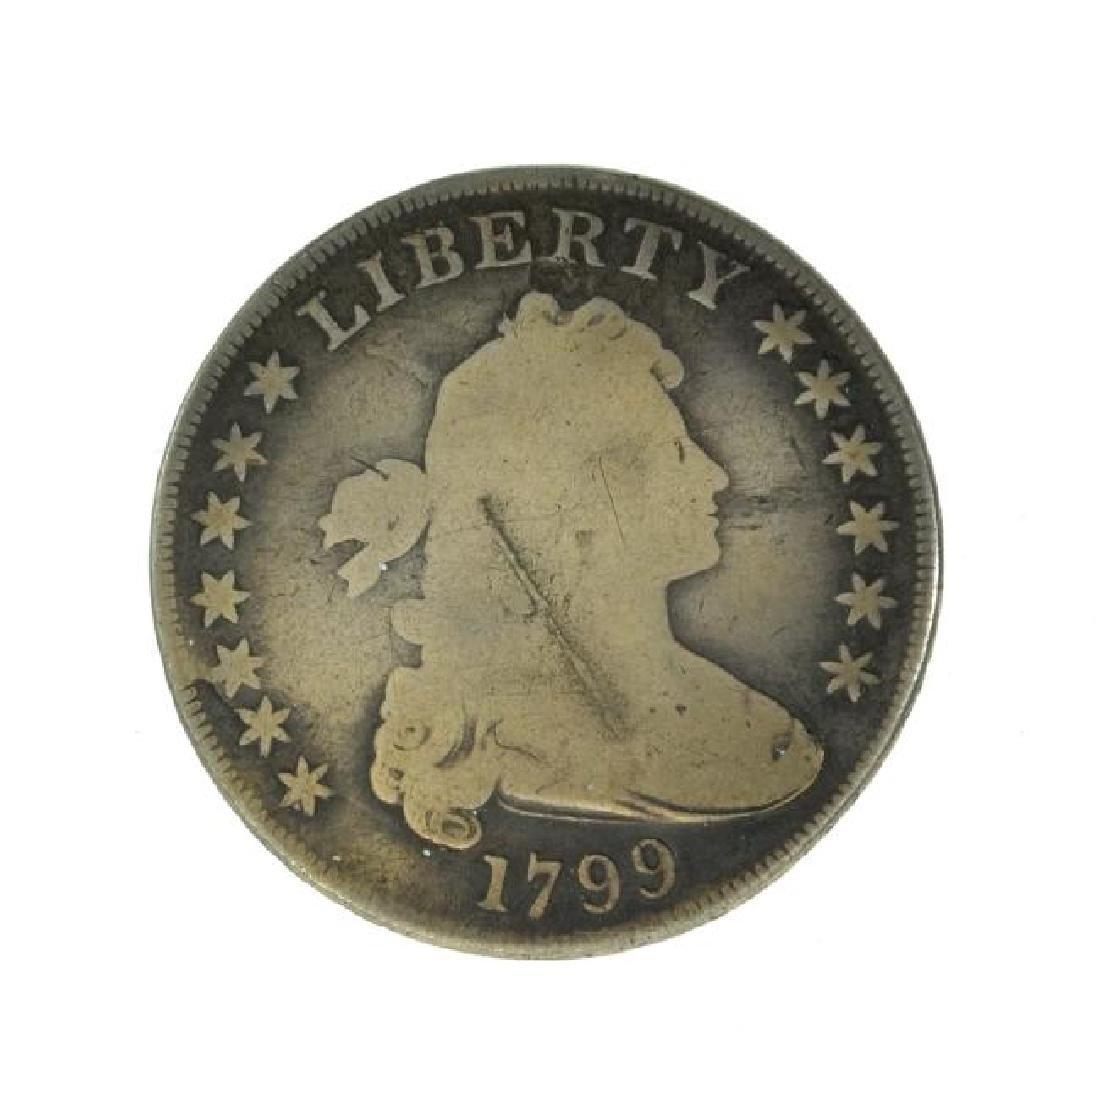 1799 13 Star Draped Bust Dollar Coin (JG)